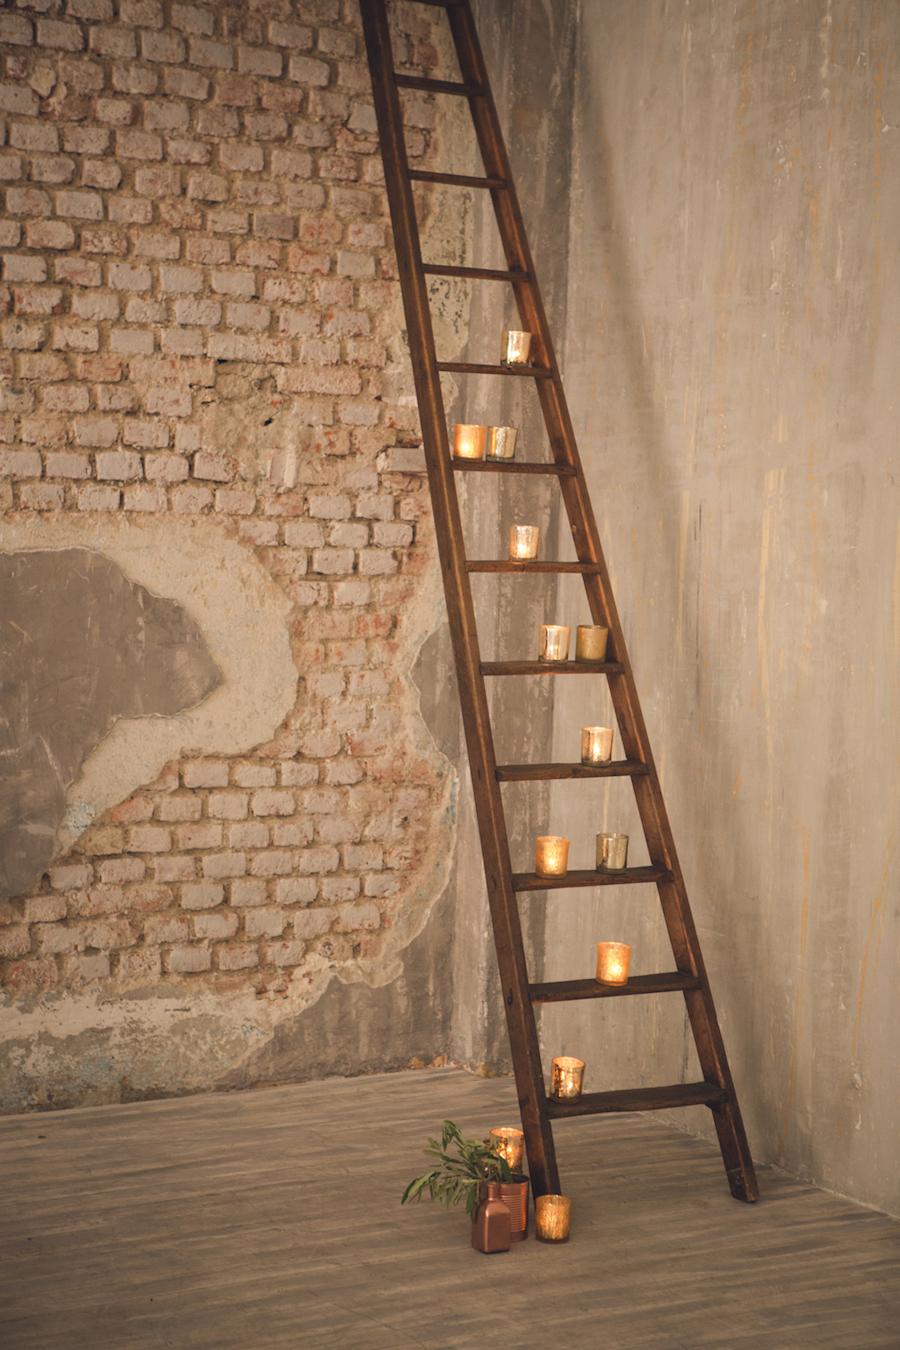 allestimento matrimonio industriale con scala e candele